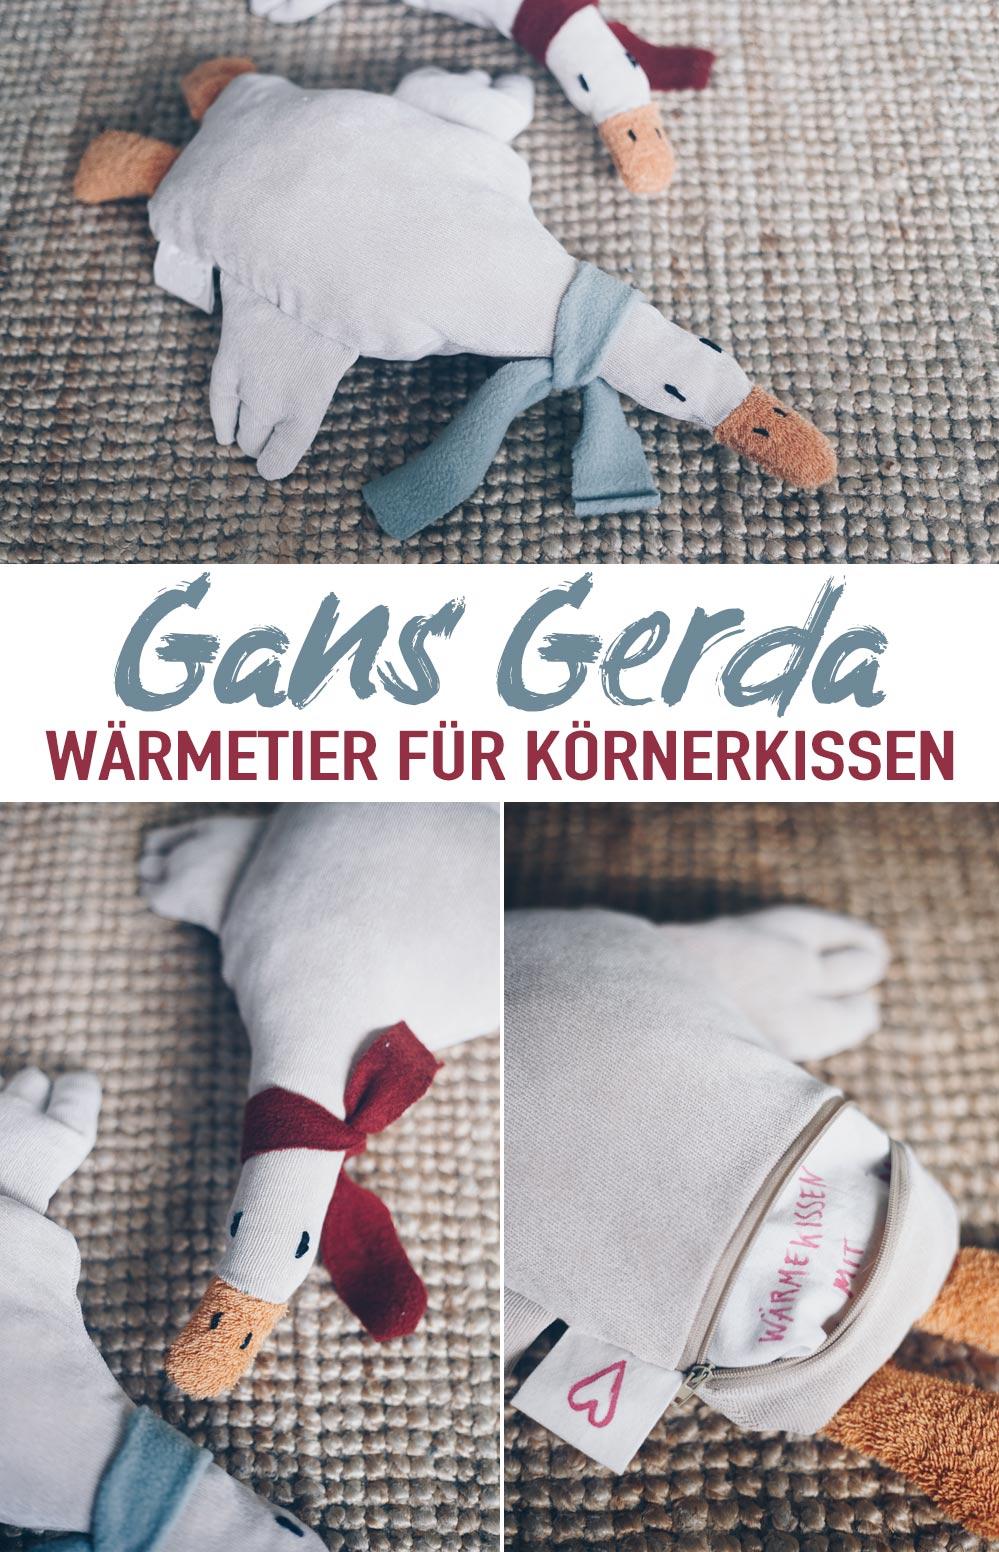 Gans Gerda Wärmetier nähen